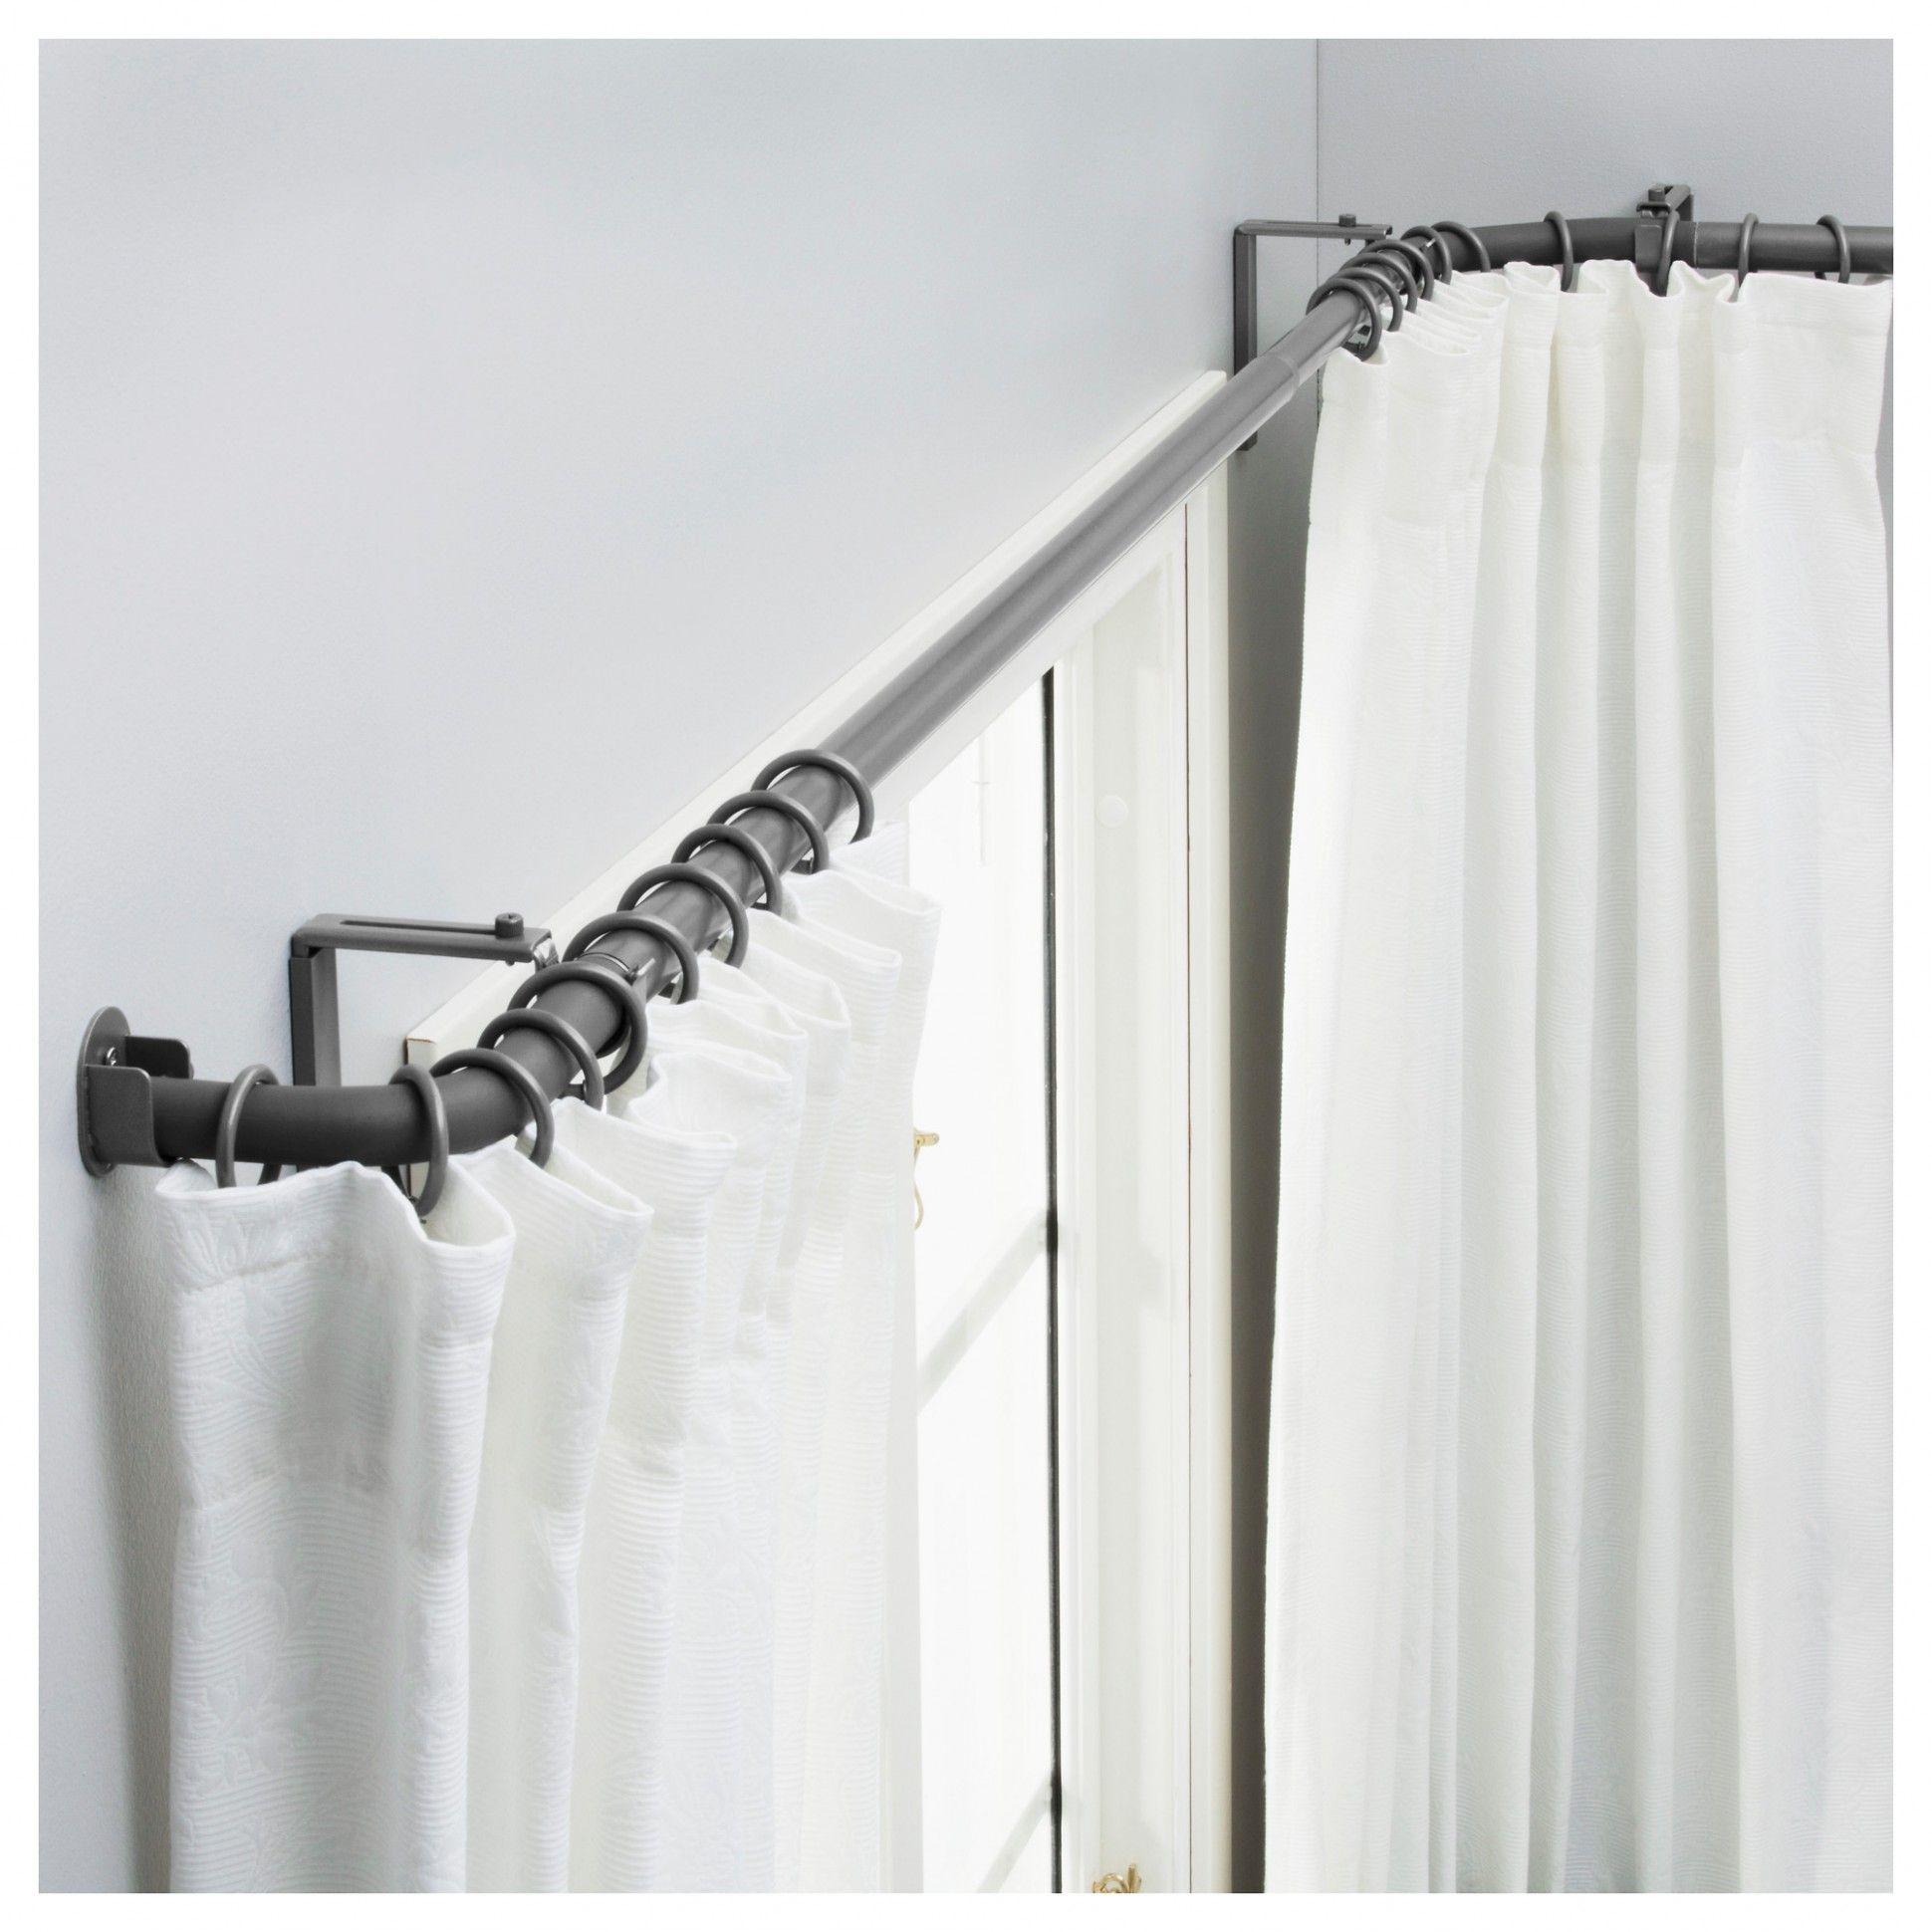 Ikea Bathroom Window Curtains In 2020 Corner Curtains Corner Window Curtains Corner Curtain Rod Wrap around shower curtain rod